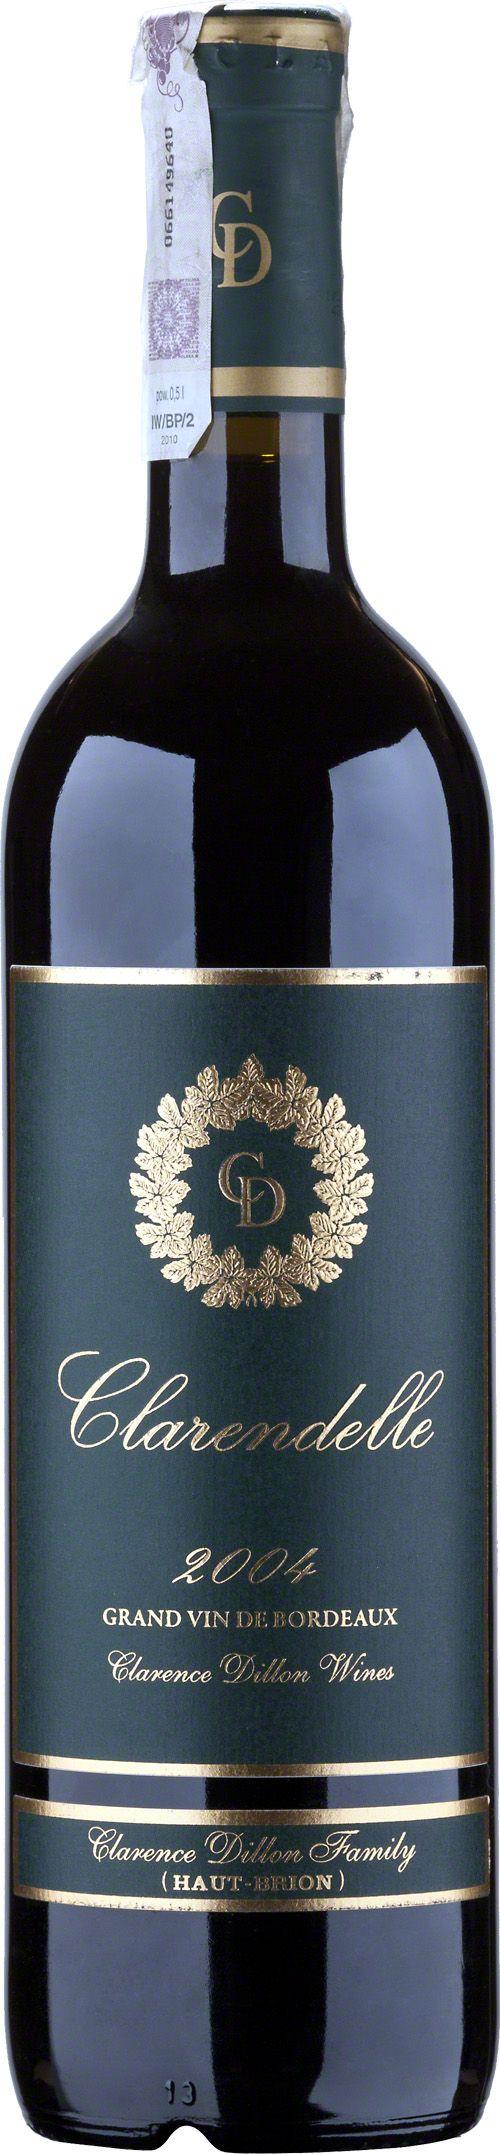 """Clarendelle to flagowe wino nowego projektu należącego do rodziny Dillon. Tej samej, której perłą jest """" Chateau Haut-Brion, należące do """"Wielkiej Piątki"""" Bordeaux. Nowoczesne, nastawione na przyjemność picia i szerokie grono konsumentów. Jedwabista tanina, nieprzeładowane ekstraktem i nutami dębiny, zachęcające interesującym, złożonym bukietem, umiejętną konstrukcji i elegancją. #Wino #Bordeaux #Winezja #Clarendelle"""